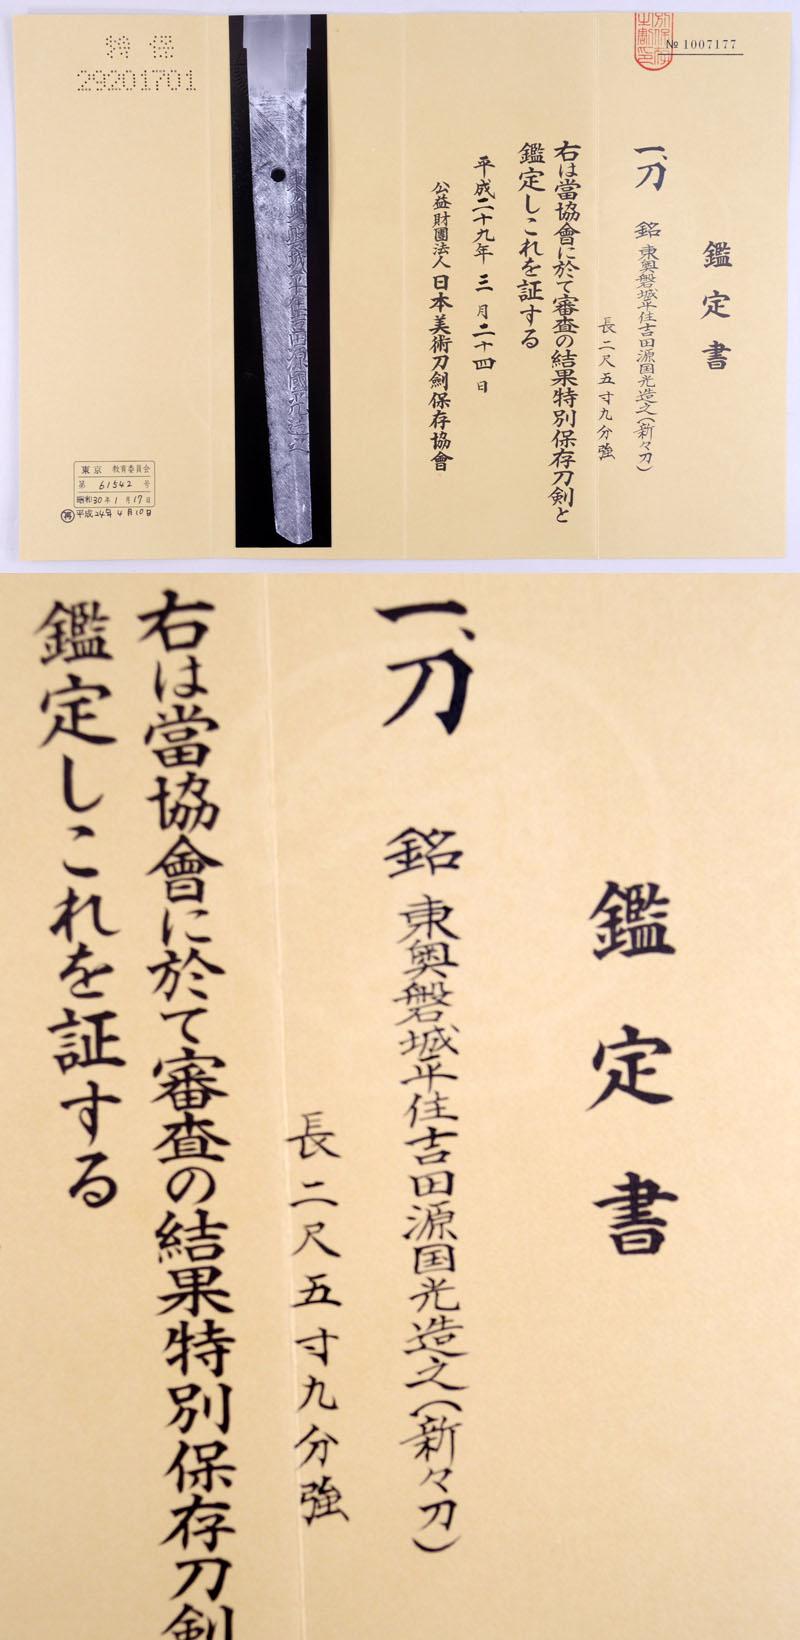 東奥磐城平住吉田源国光造之 Picture of Certificate